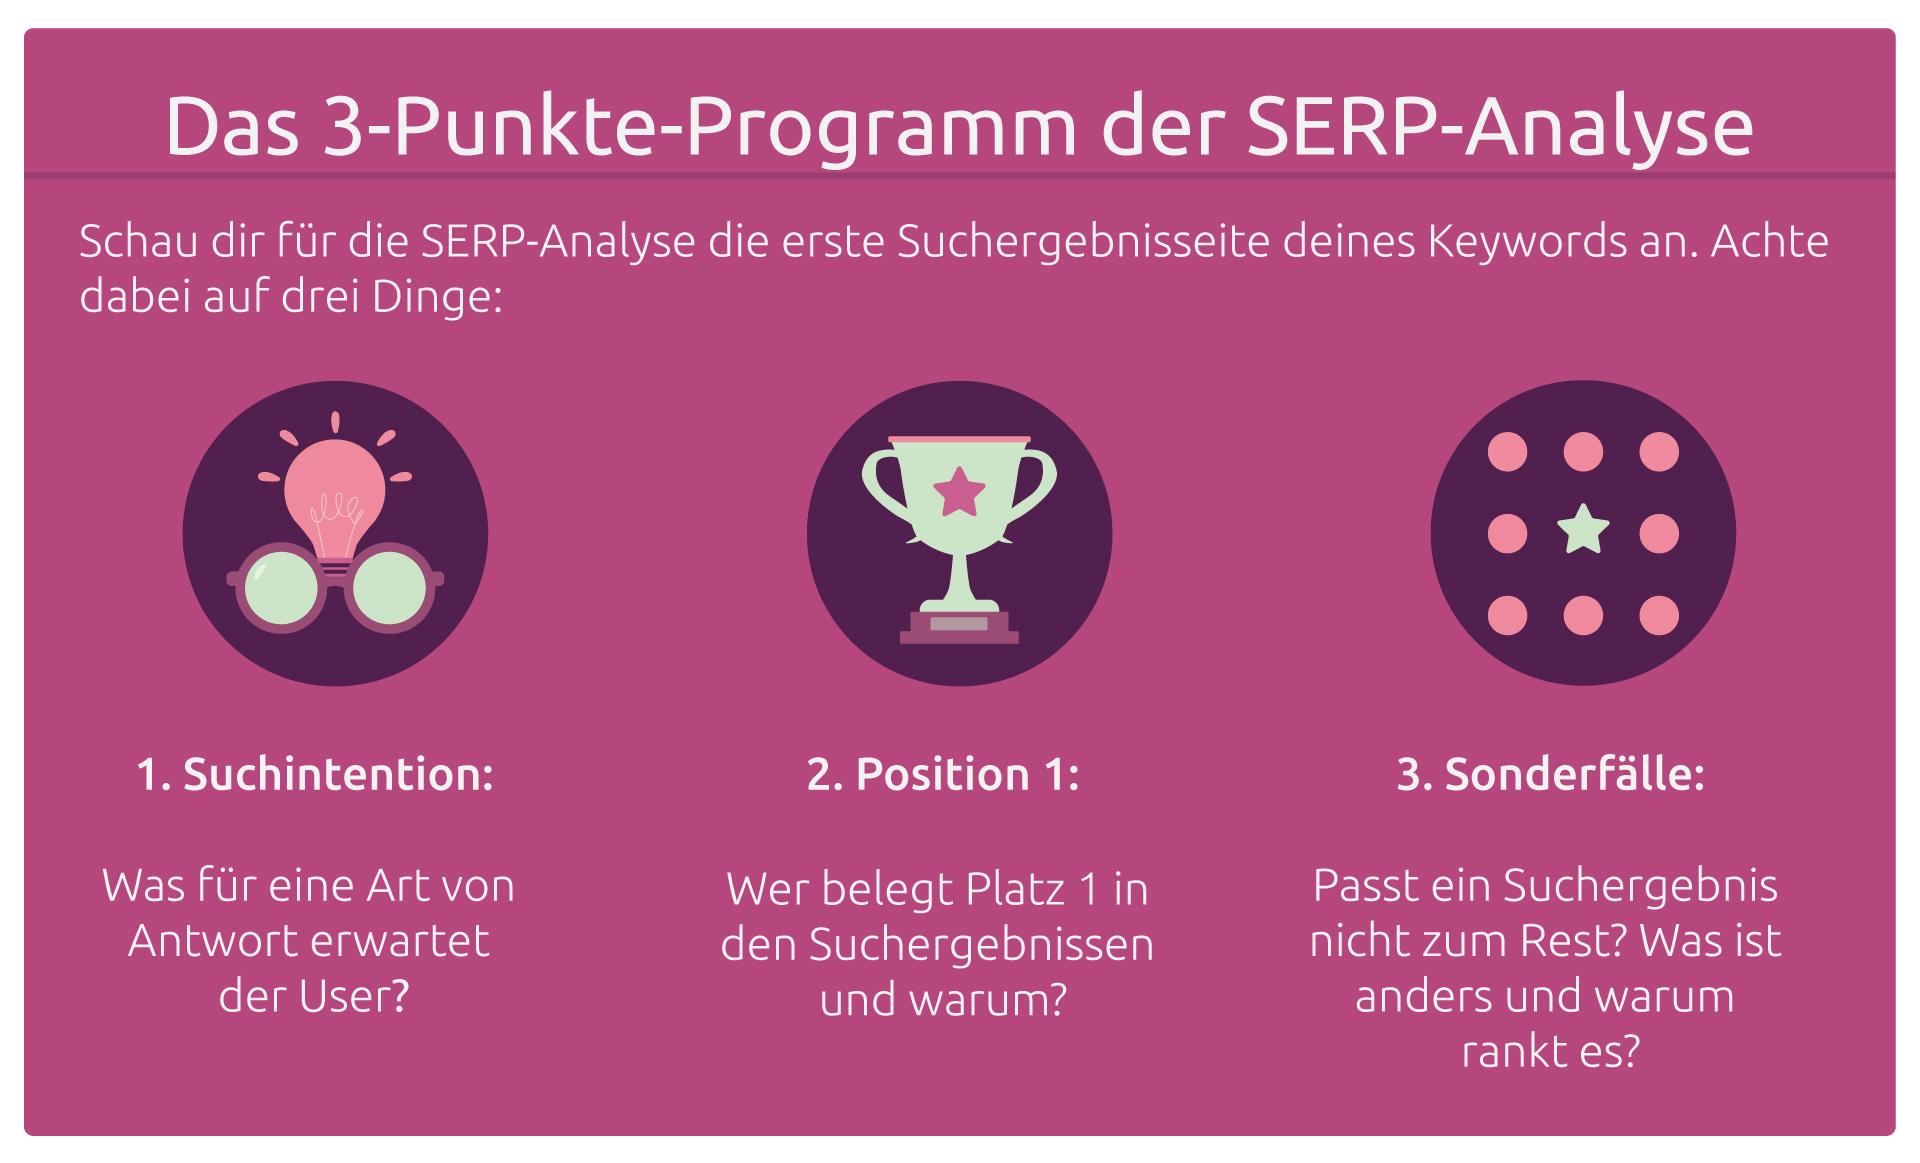 SERP-Analyse: Suchintention identifizieren, Position 1 analysieren und vergleichen, Sonderfälle in den SERPs identifizieren und analysieren